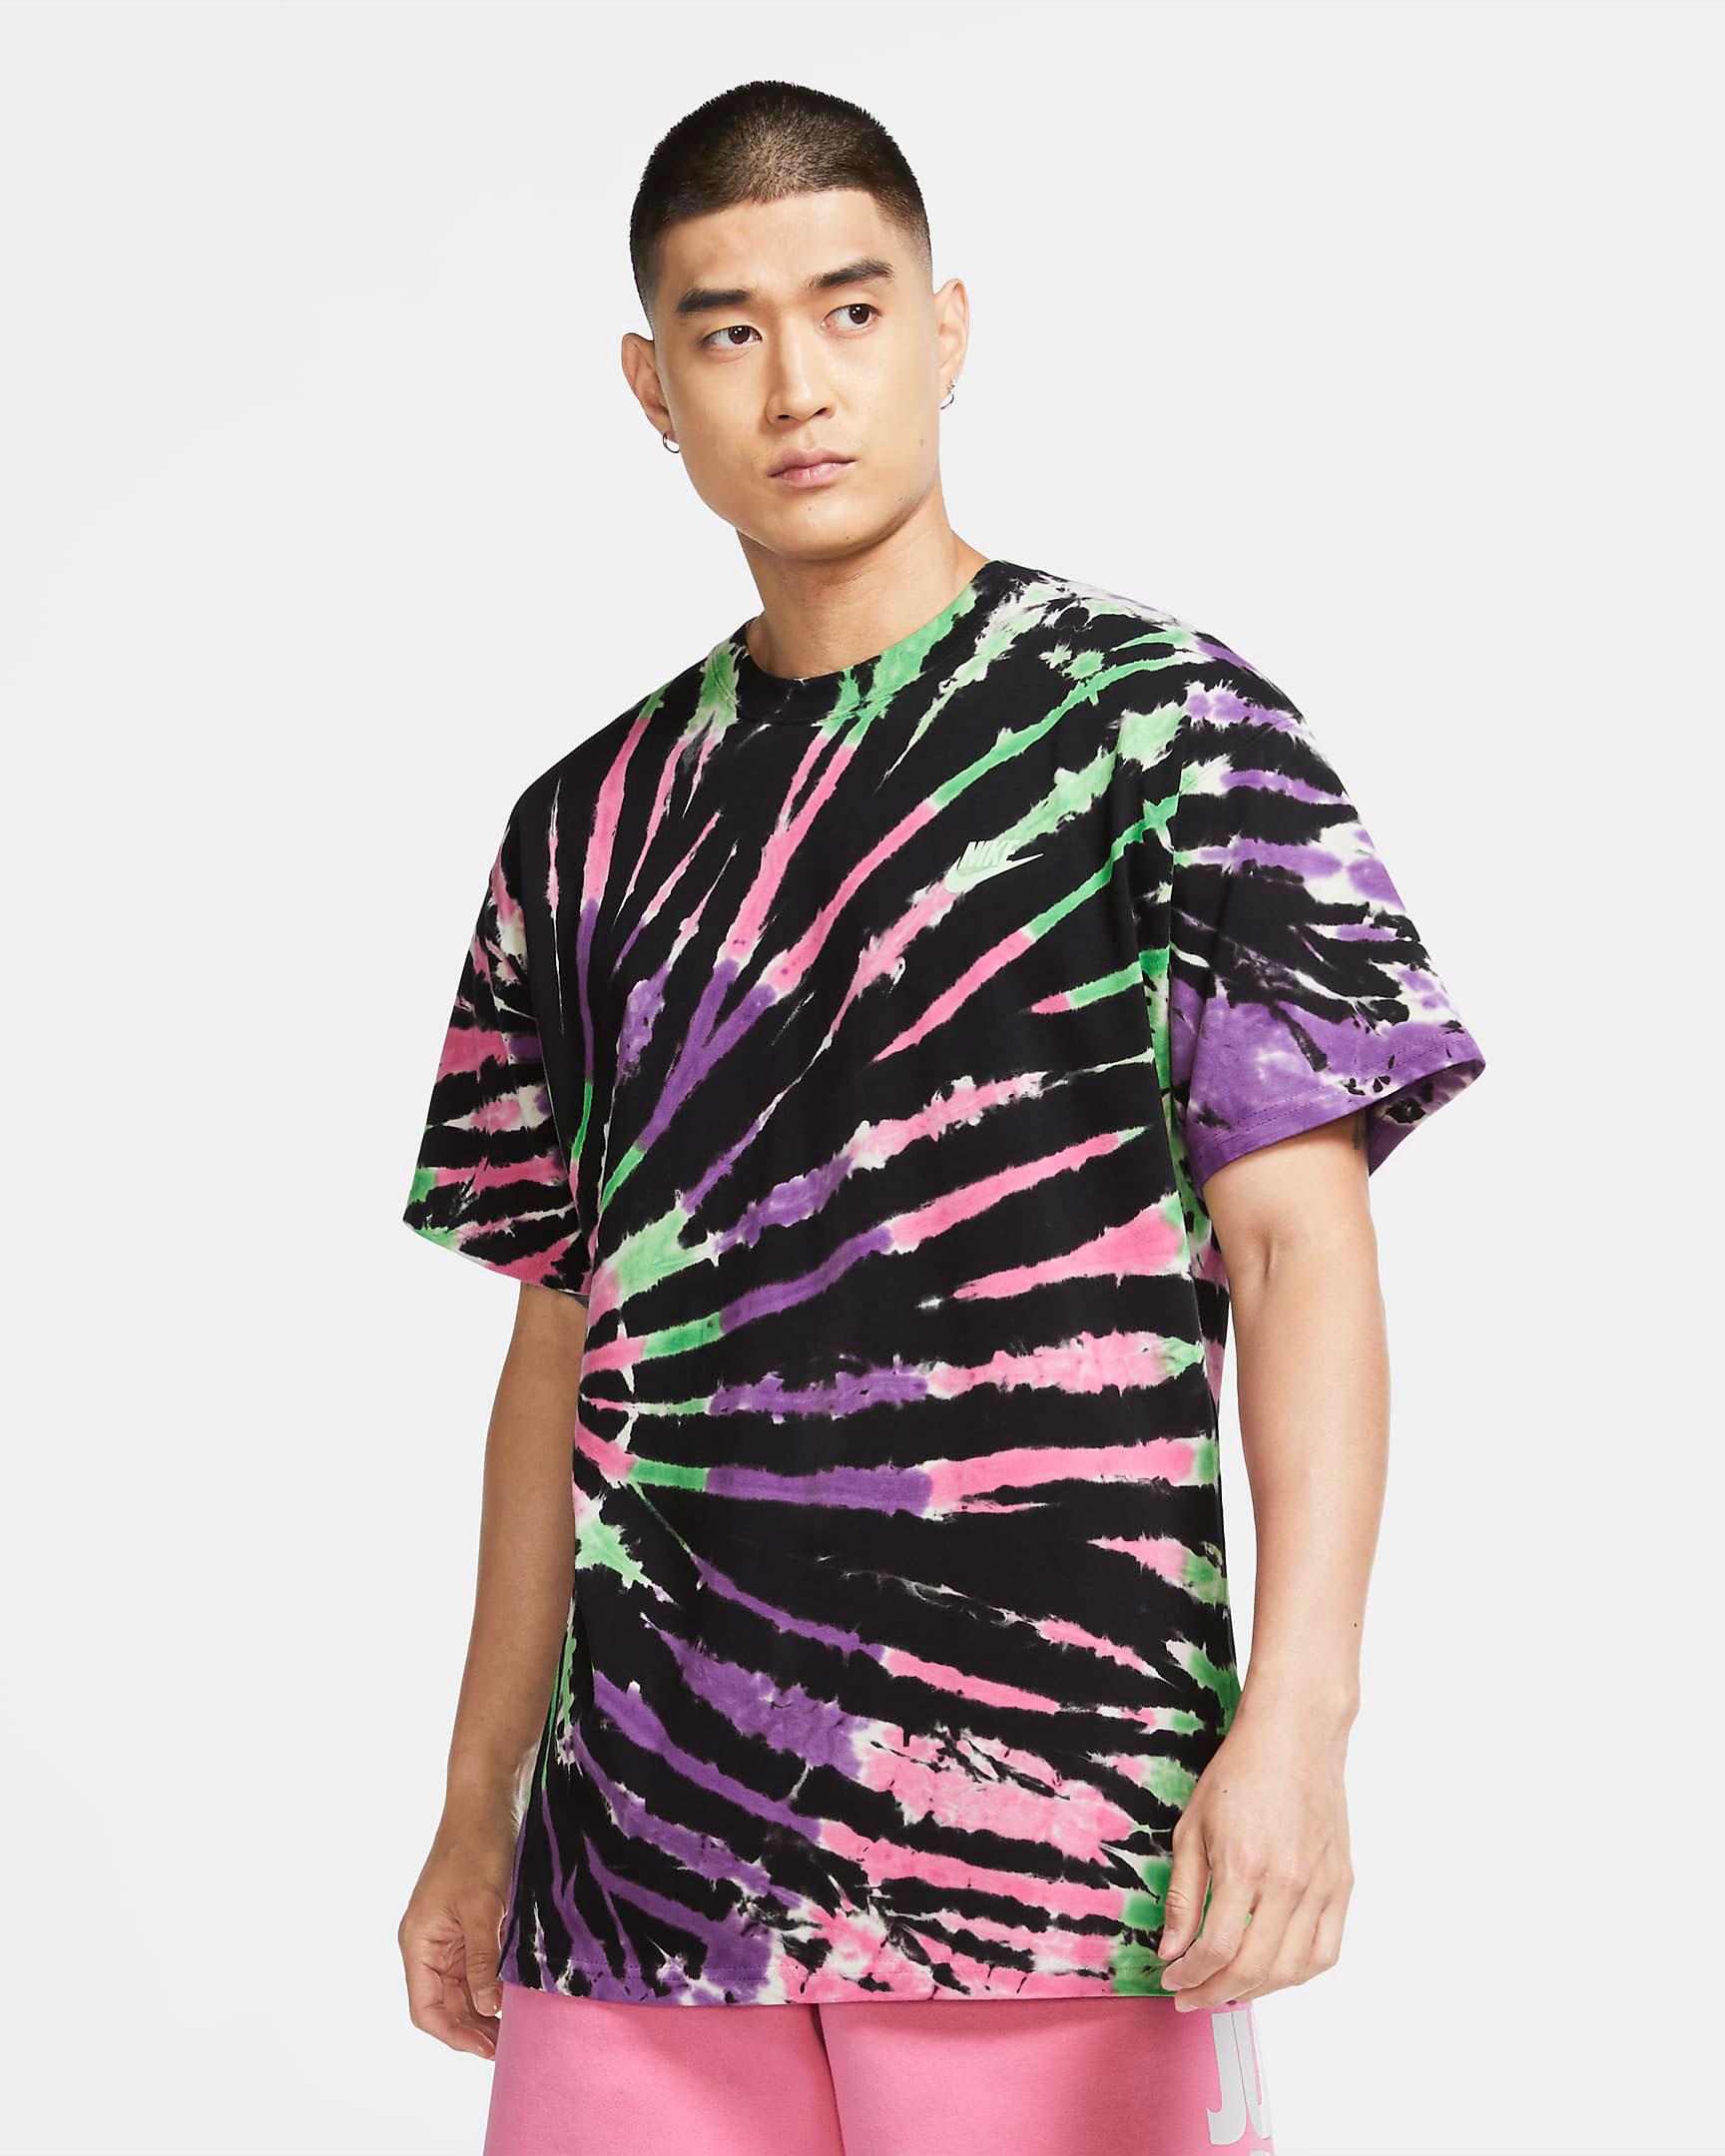 nike-sportswear-multi-color-tie-dye-shirt